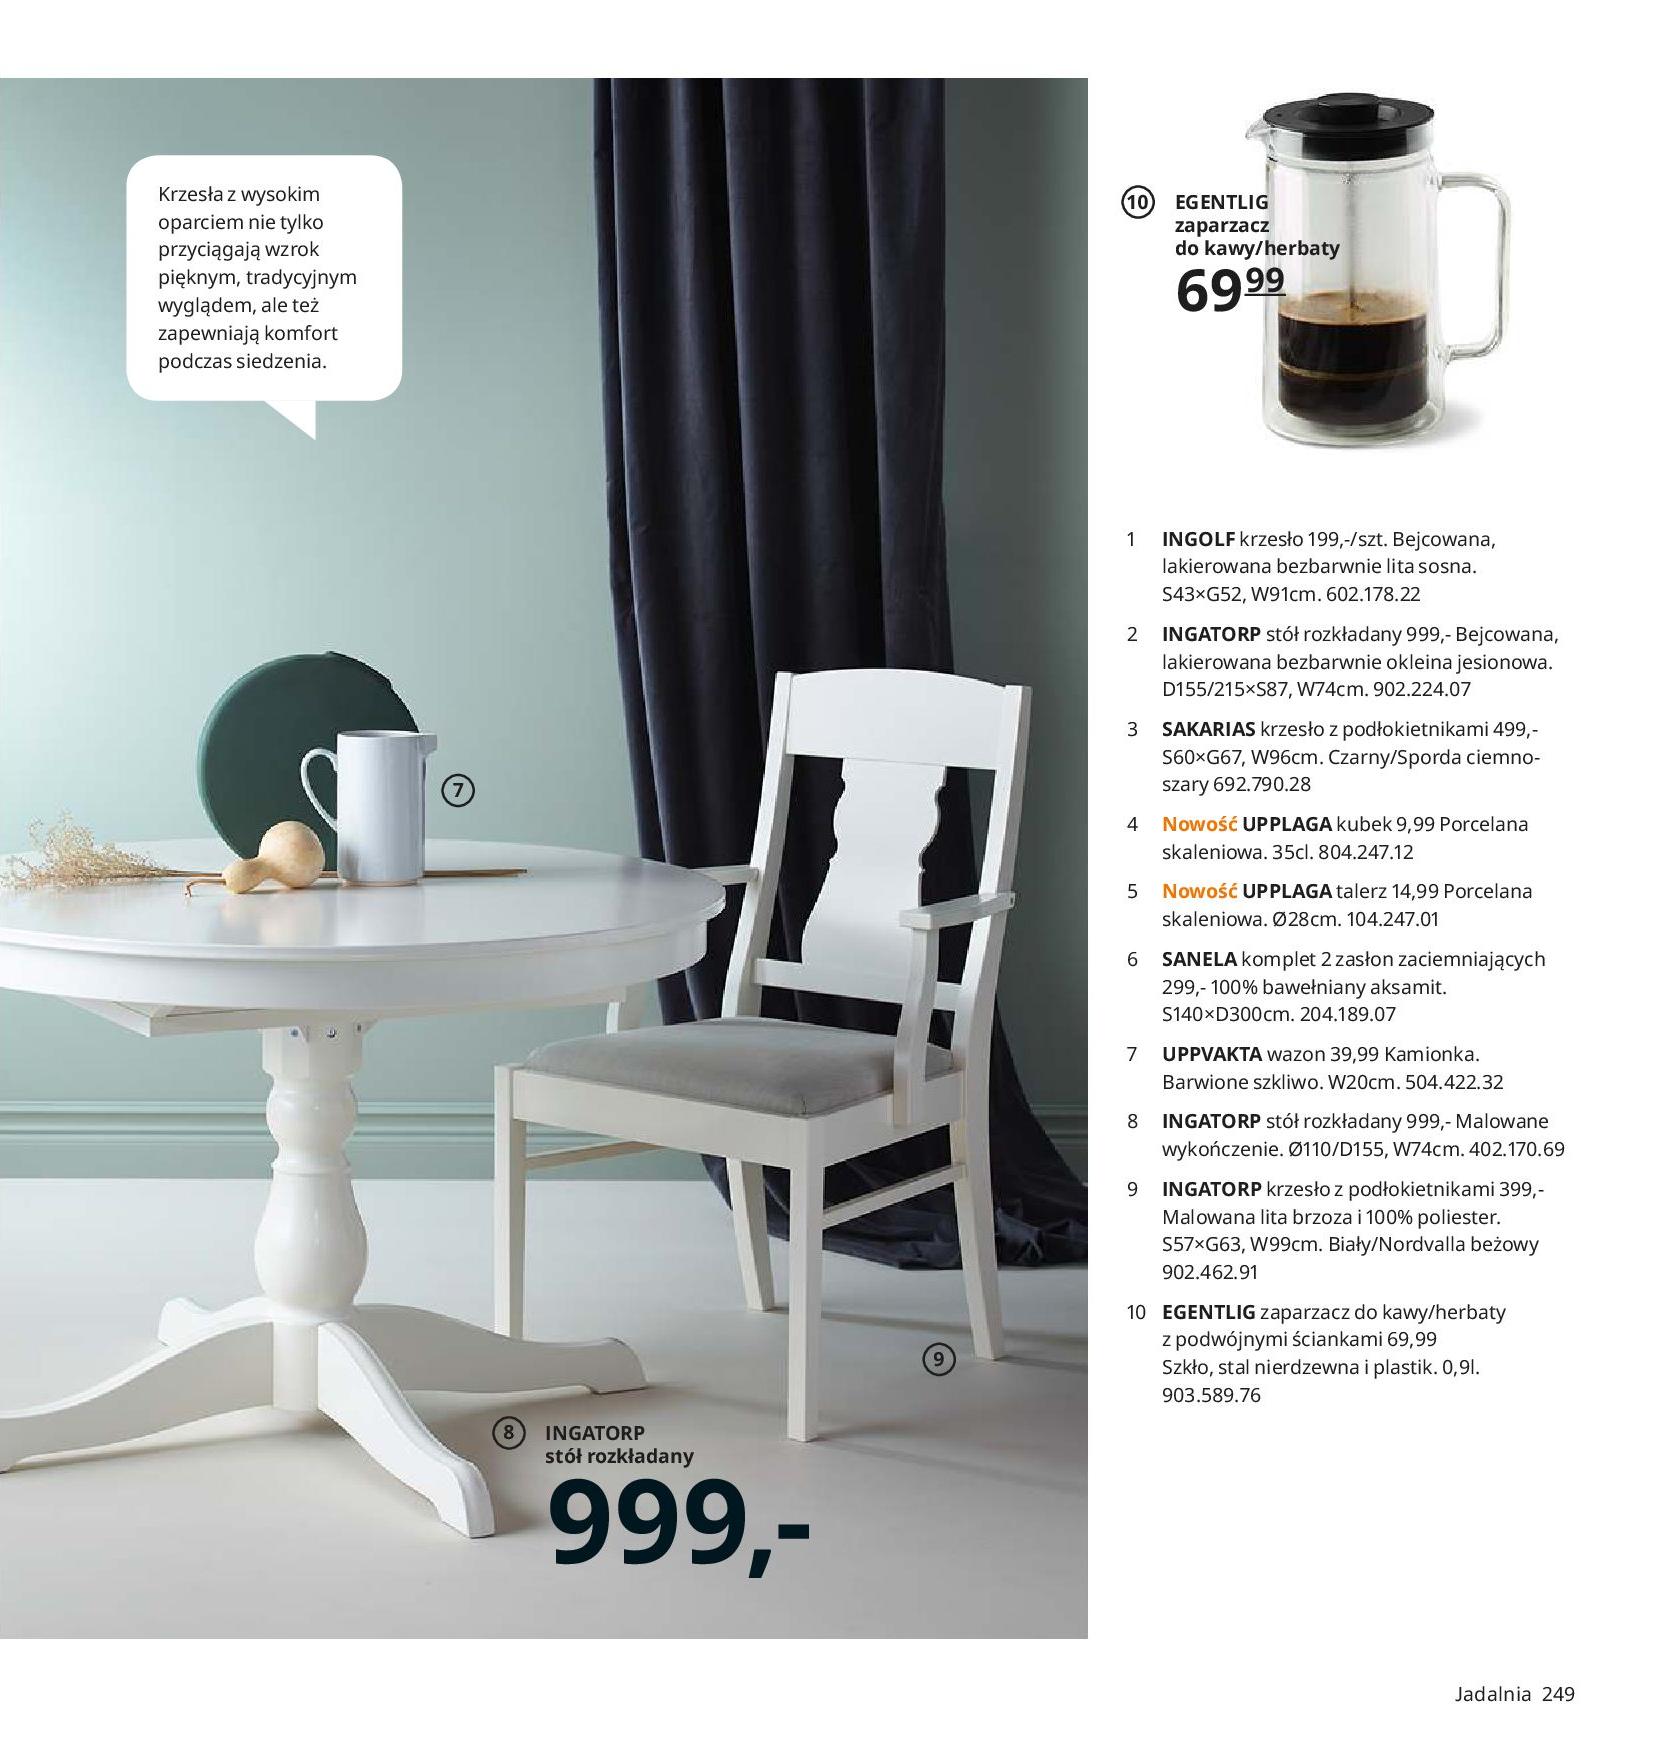 Gazetka IKEA - Katalog IKEA 2020-25.08.2019-31.07.2020-page-249